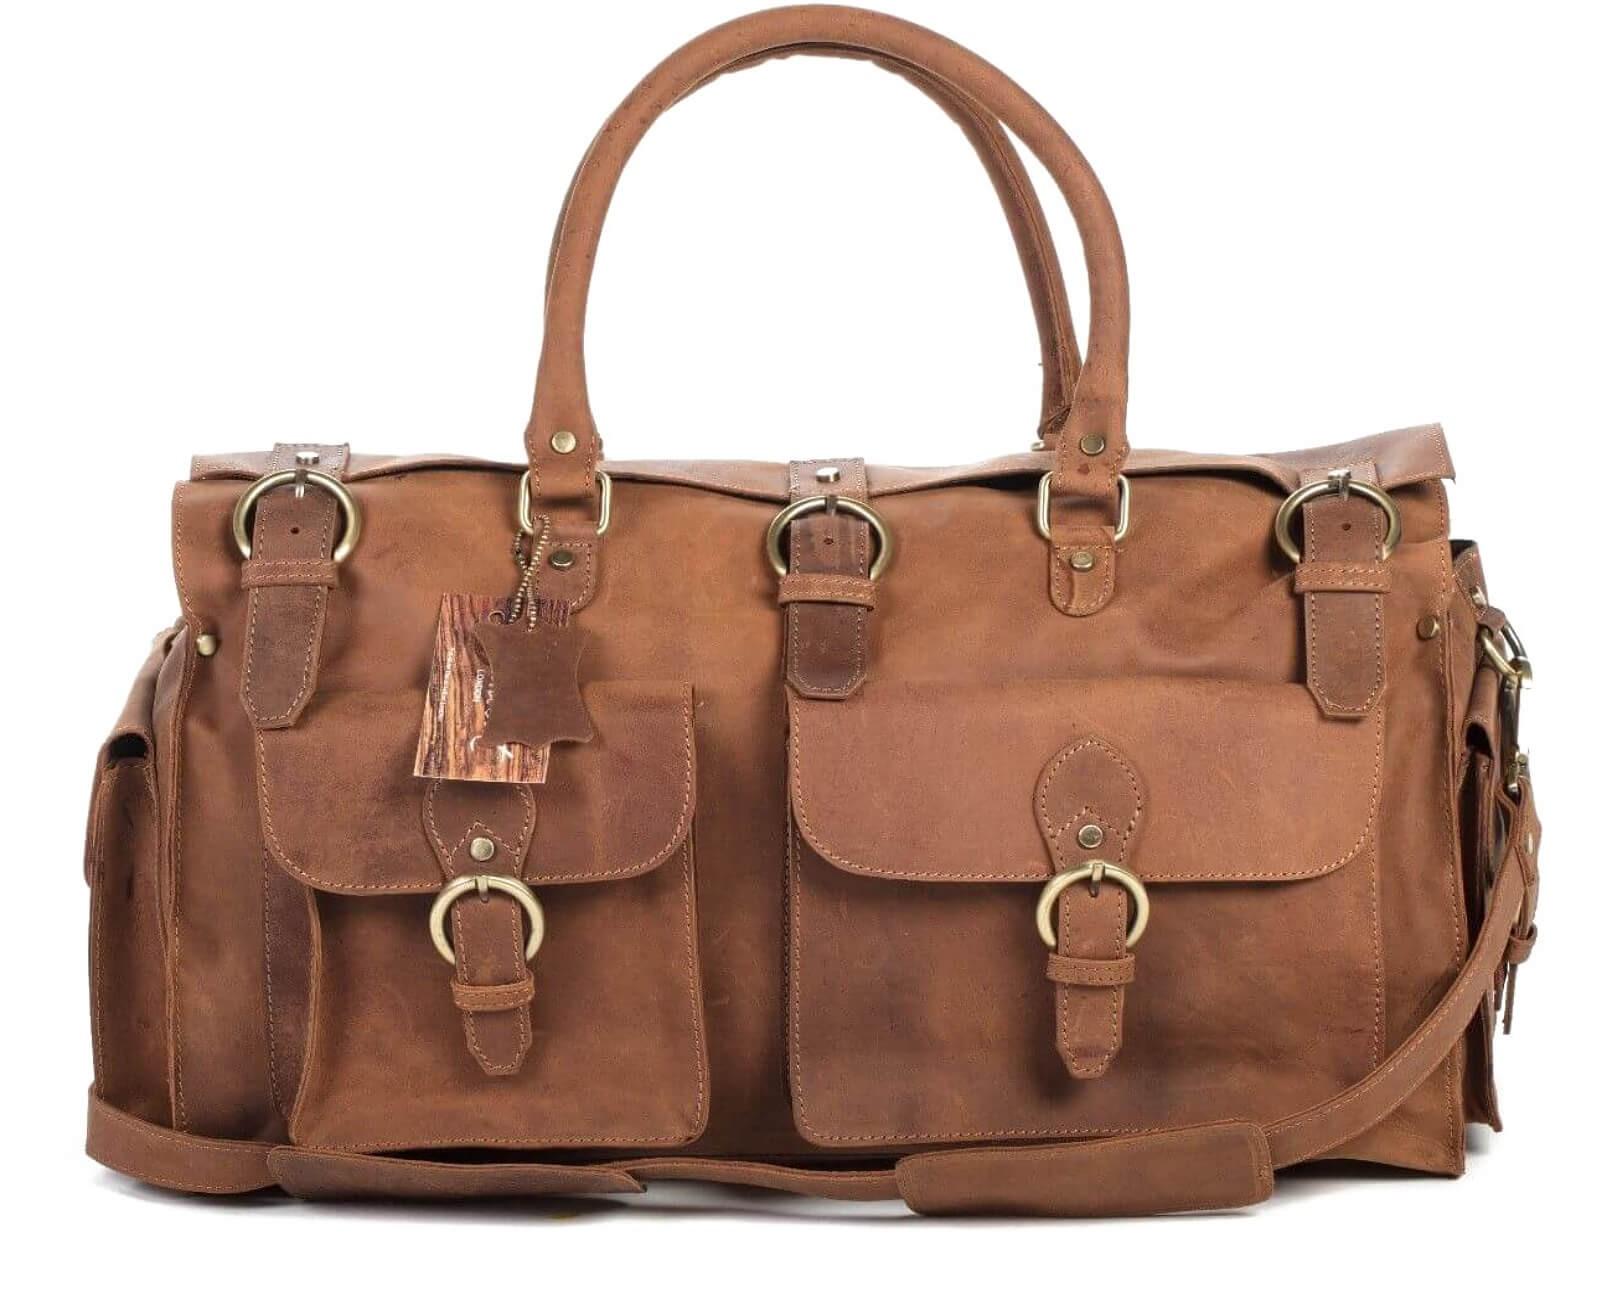 845cdcc404ef1 ☆ PM2 SADDLE TRAVELER™ skórzana torba podróżna na ramię w stylu ...